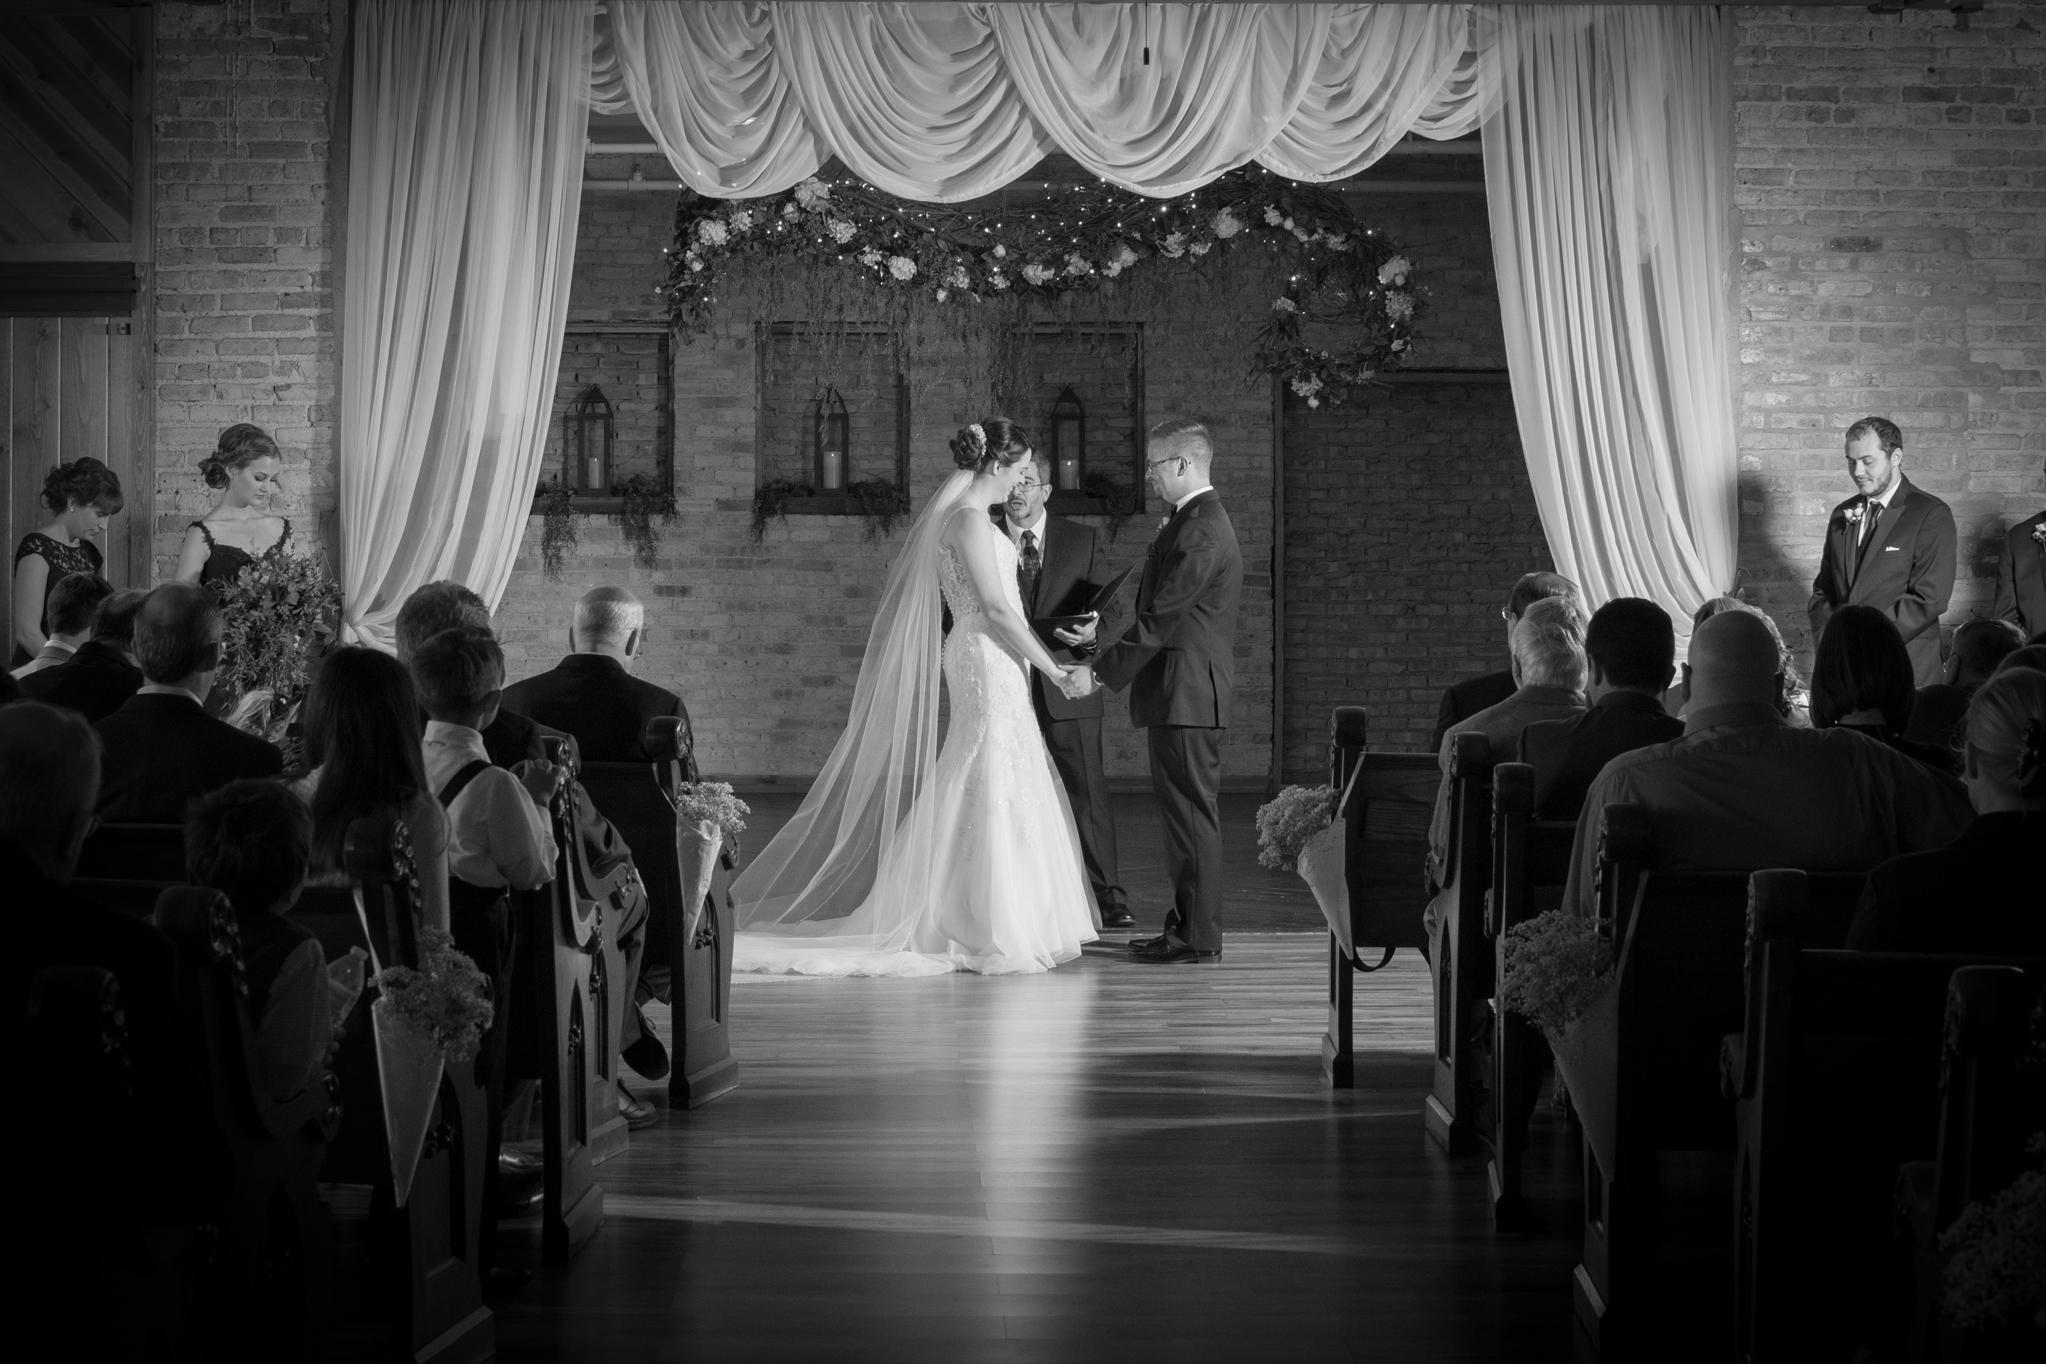 kelly_bryan_wedding_starline_factory_harvard_bride_groom.jpg